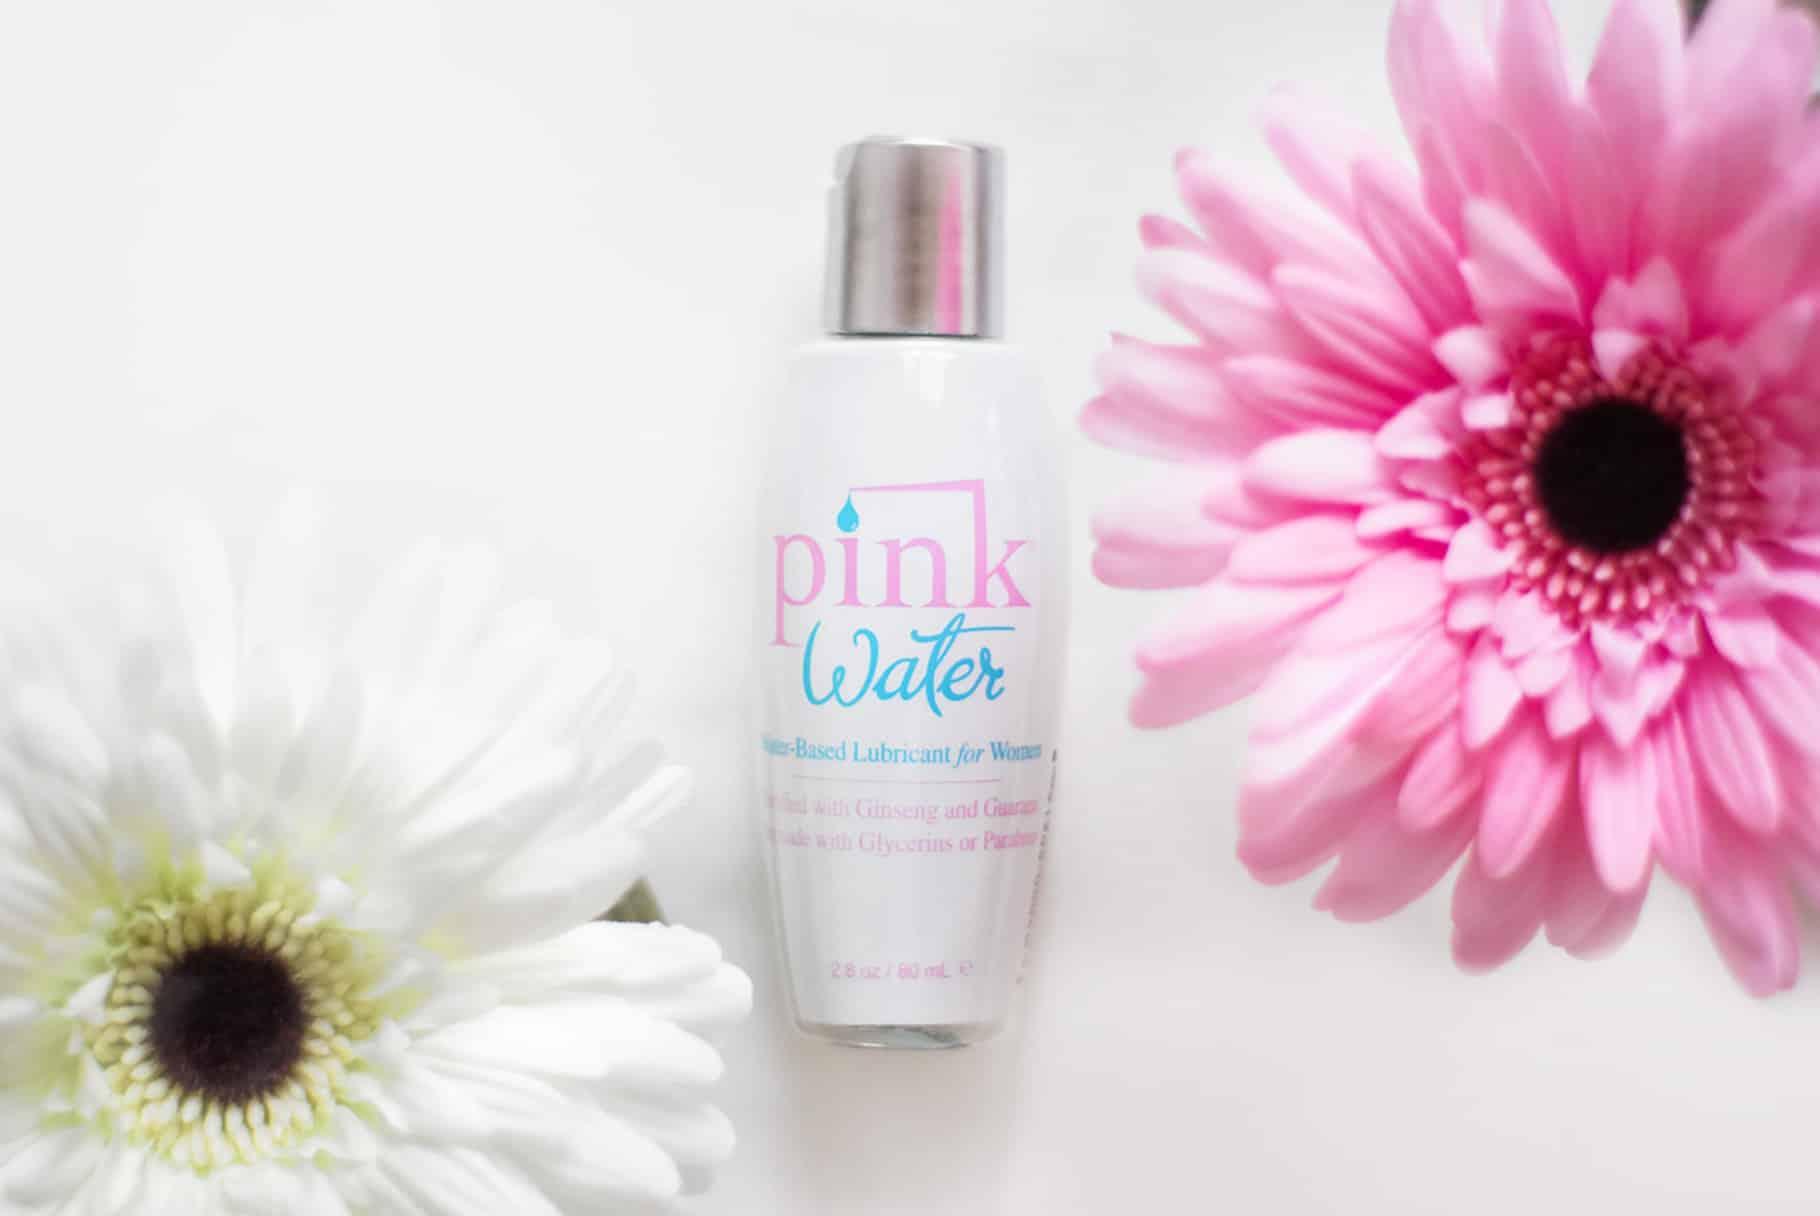 Pink Water – delikatny lubrykant dla każdego! | Recenzja